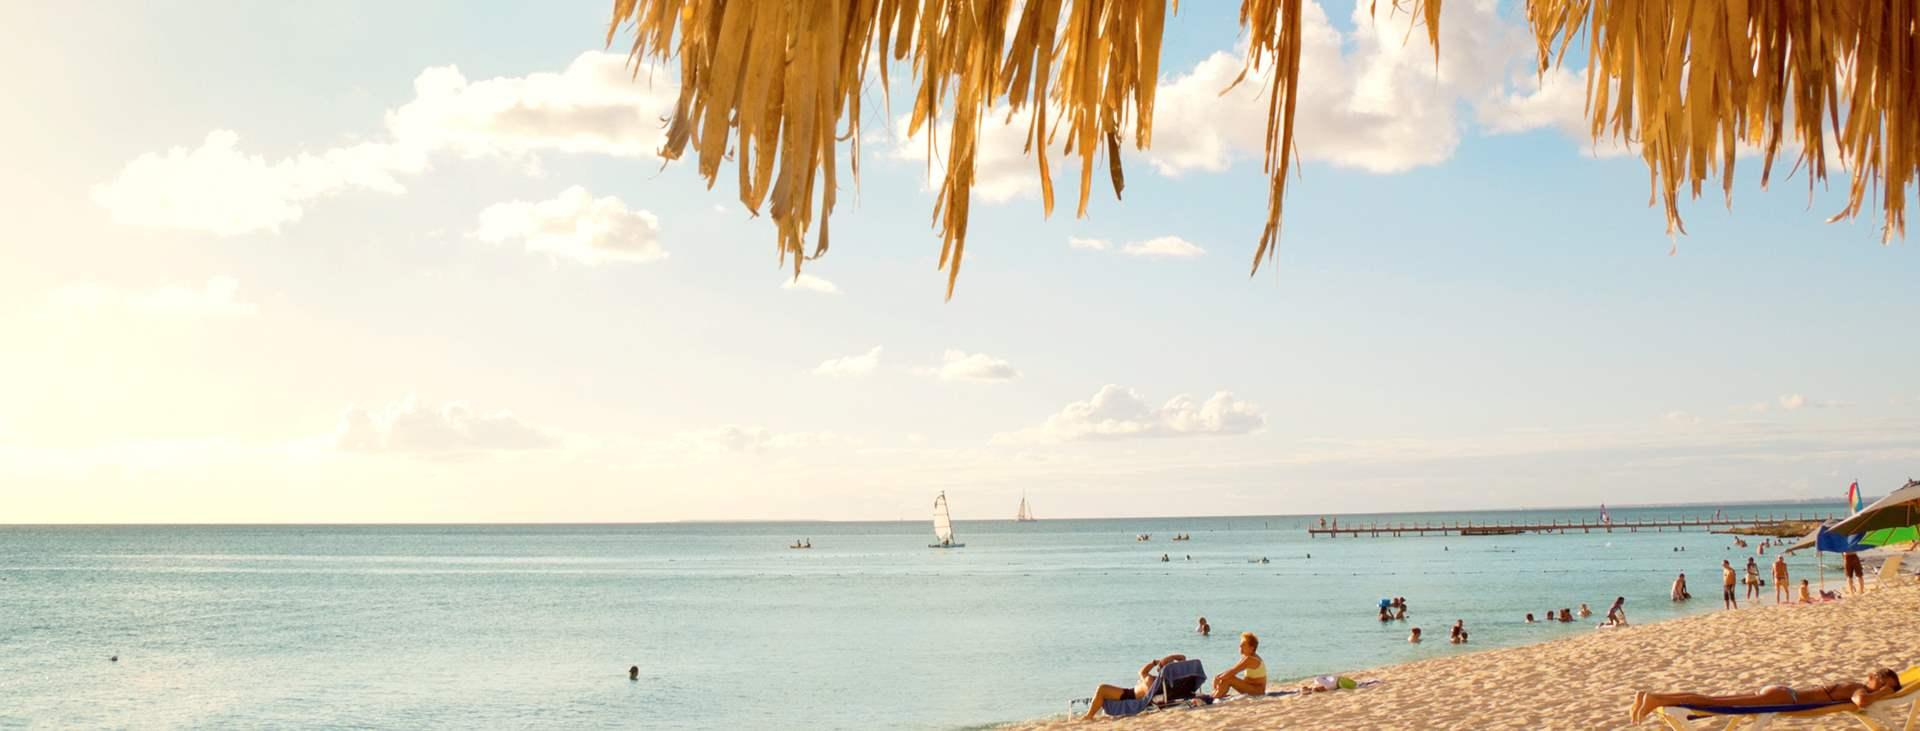 Drömmen om Karibien – Boka en resa till Dominikanska Republiken